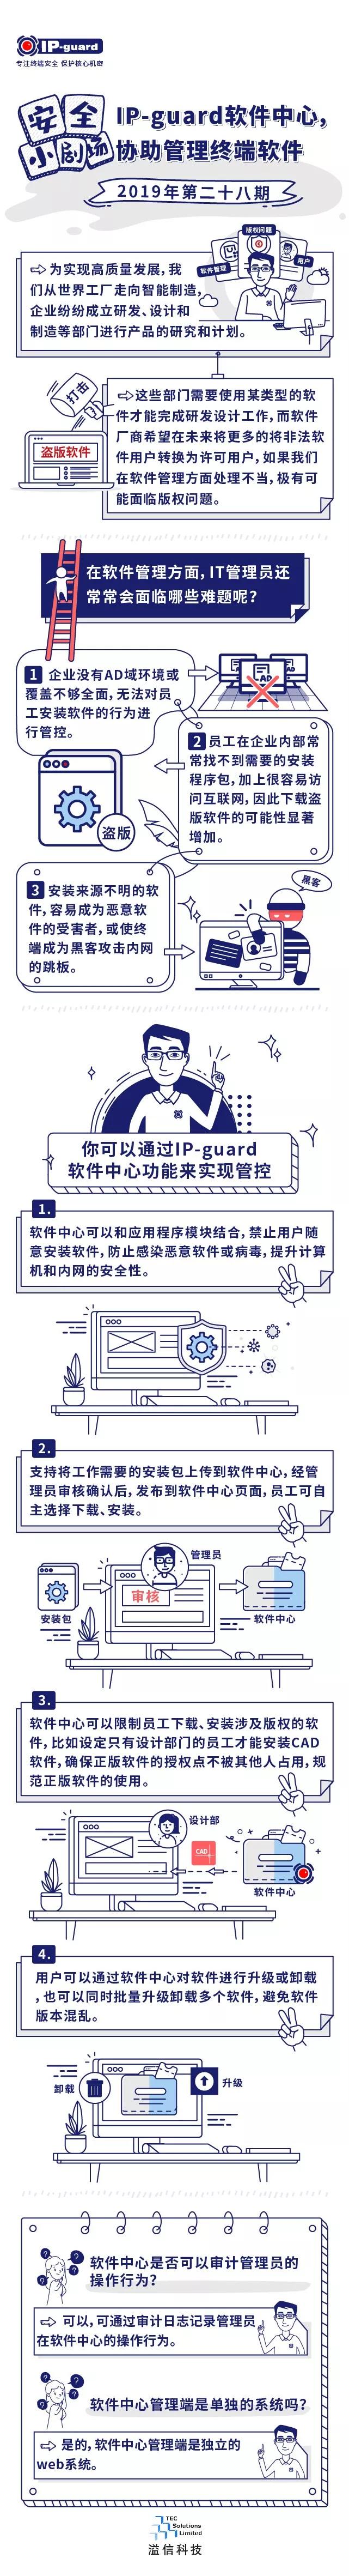 [数据安全小剧场]IP-guard软件中心,协助管理终端软件